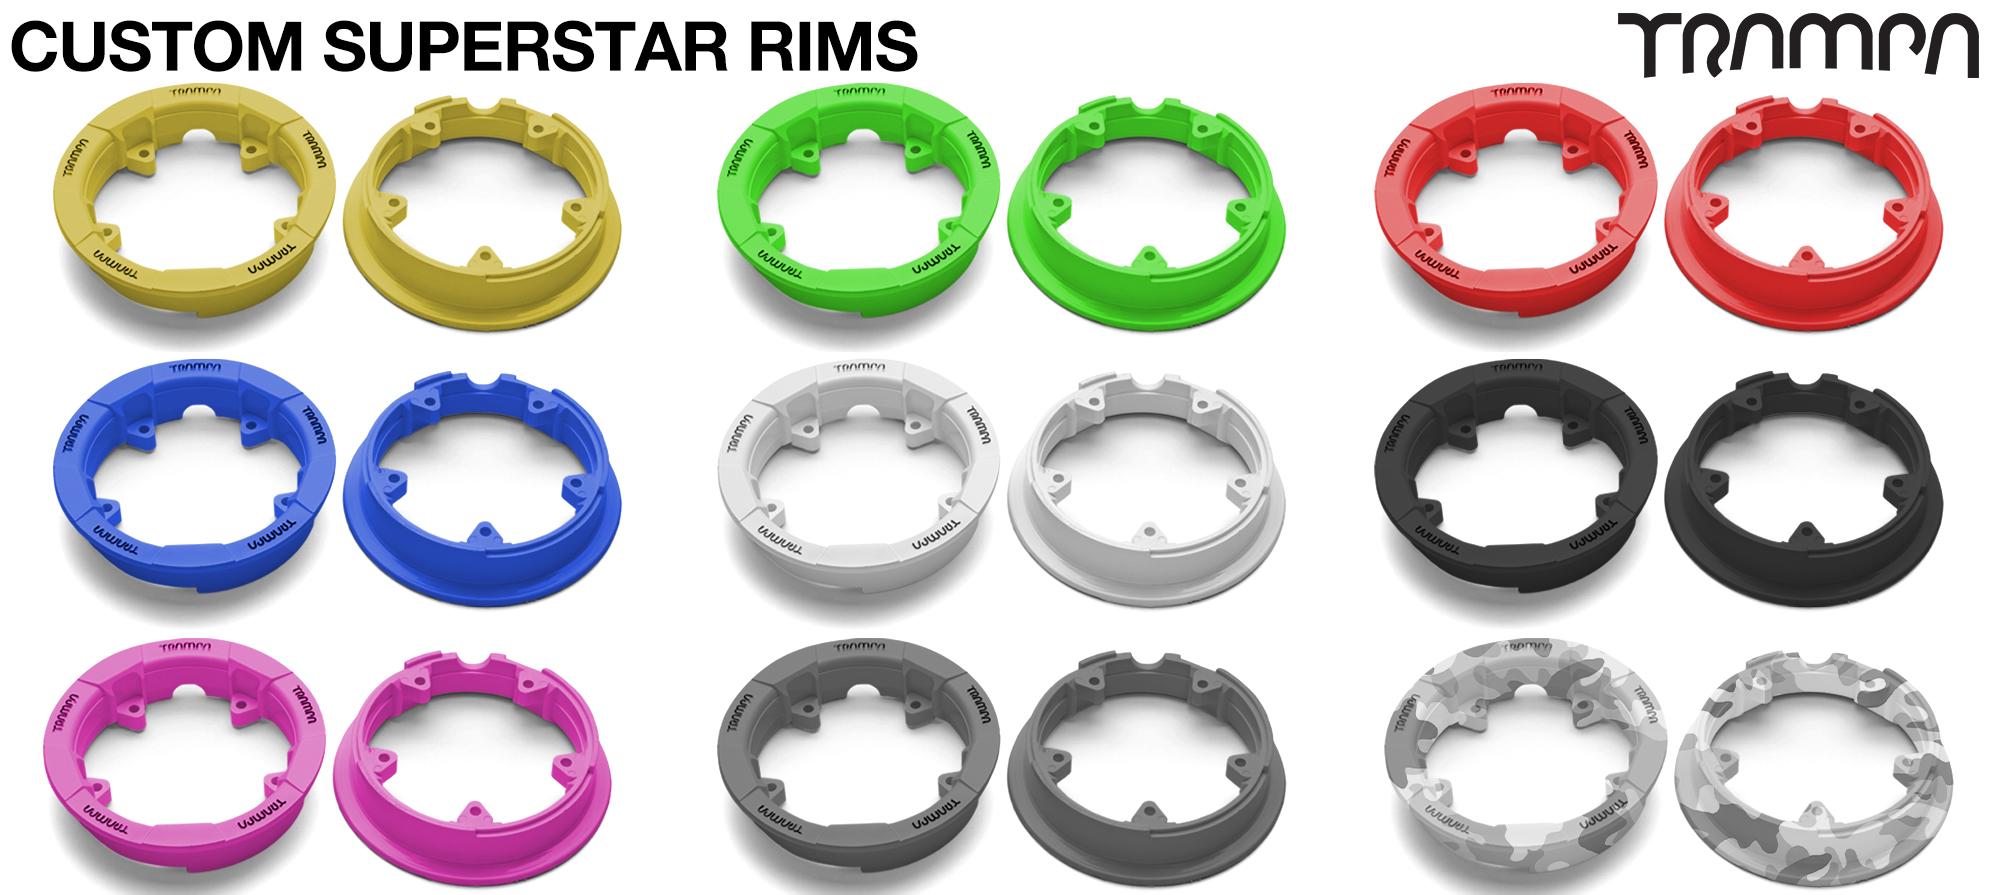 Custom SUPERSTAR Rims